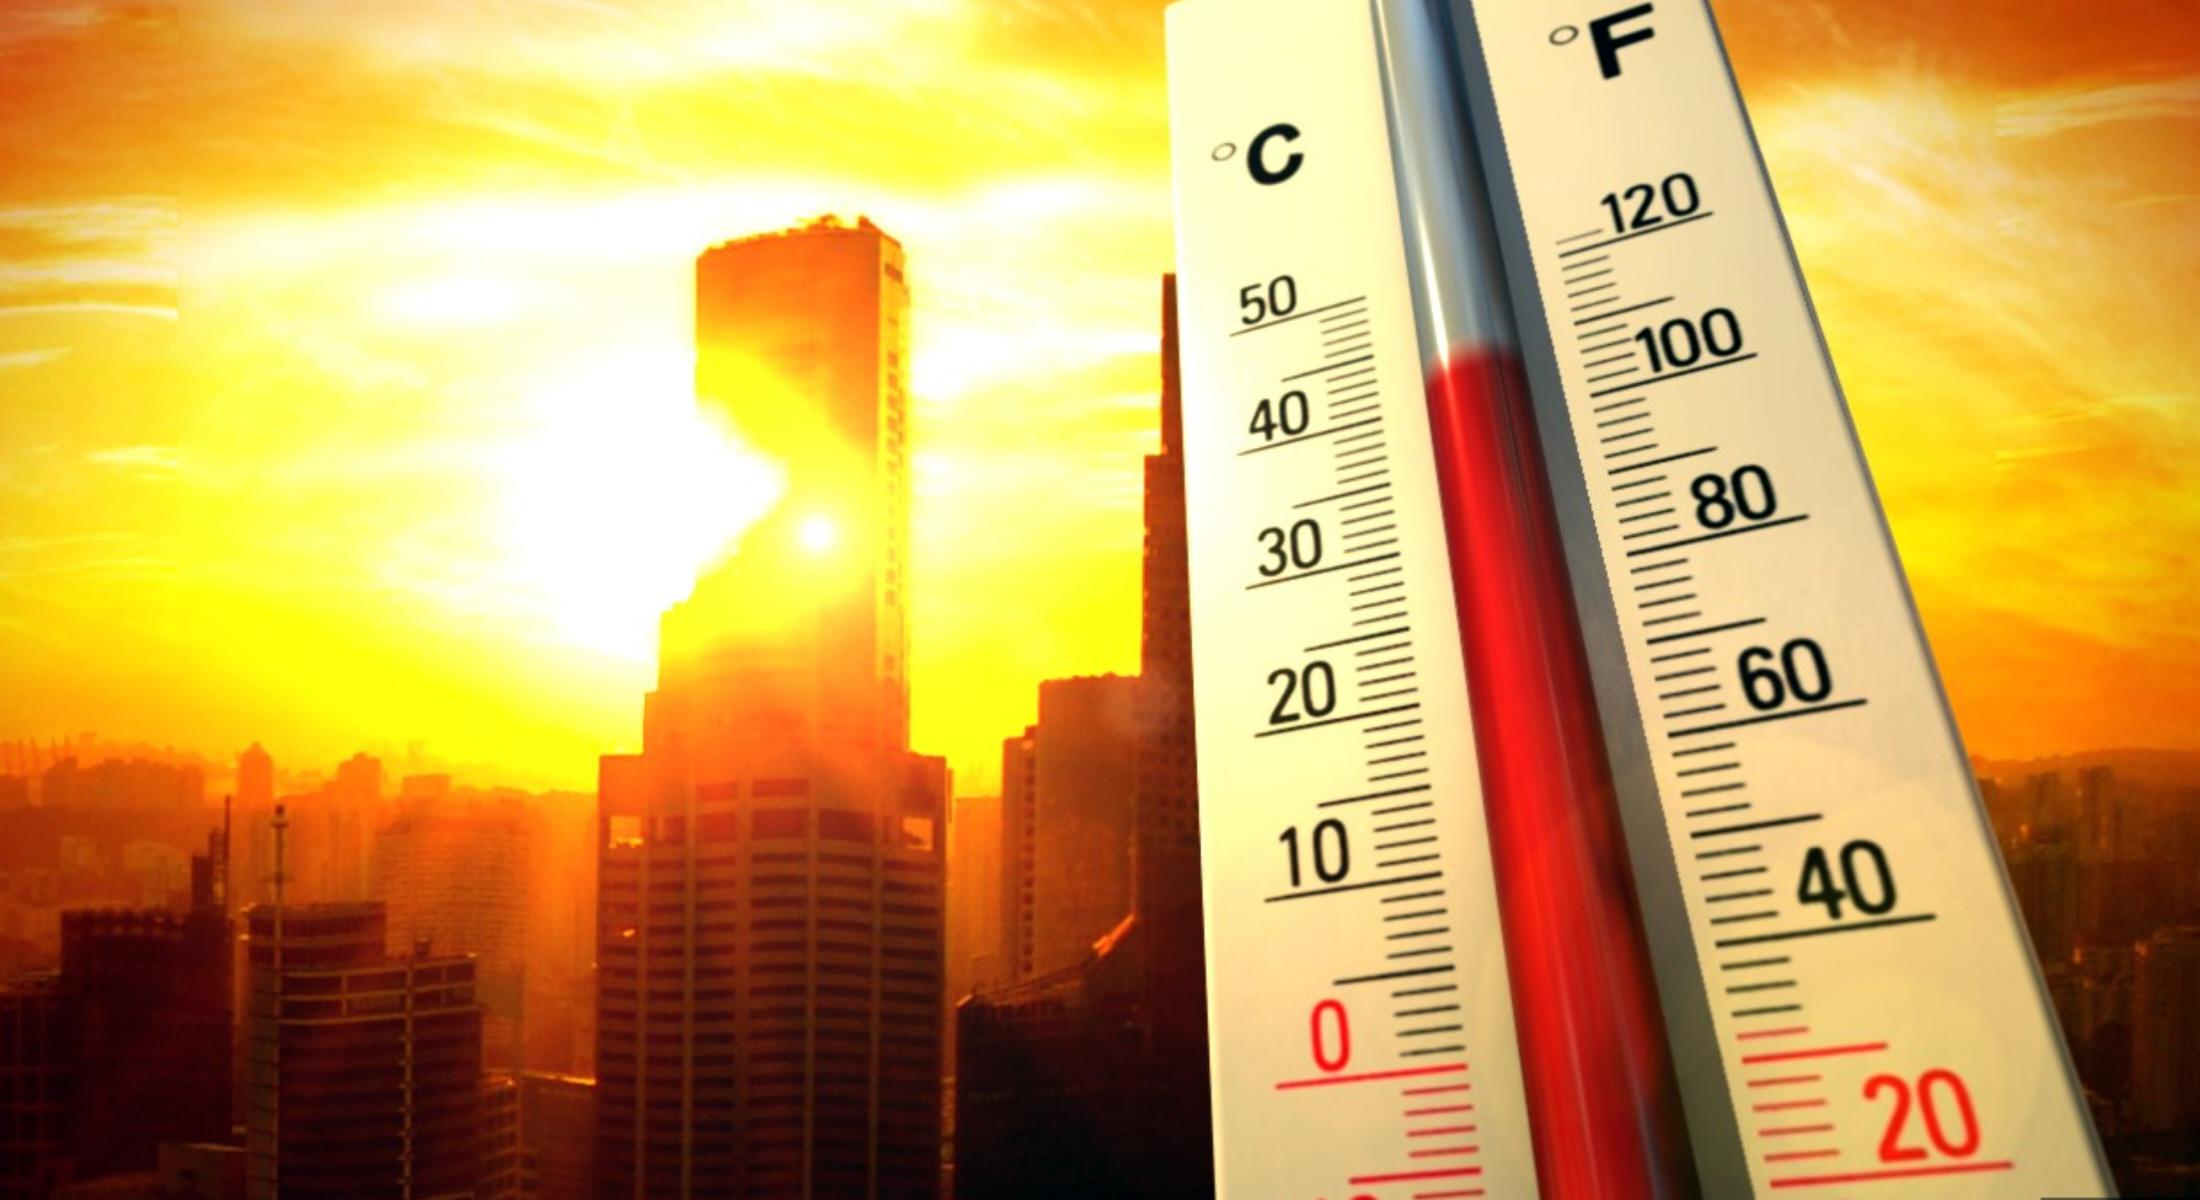 ΙΣΑ: Οδηγίες προστασίας των πολιτών από τις υψηλές θερμοκρασίες